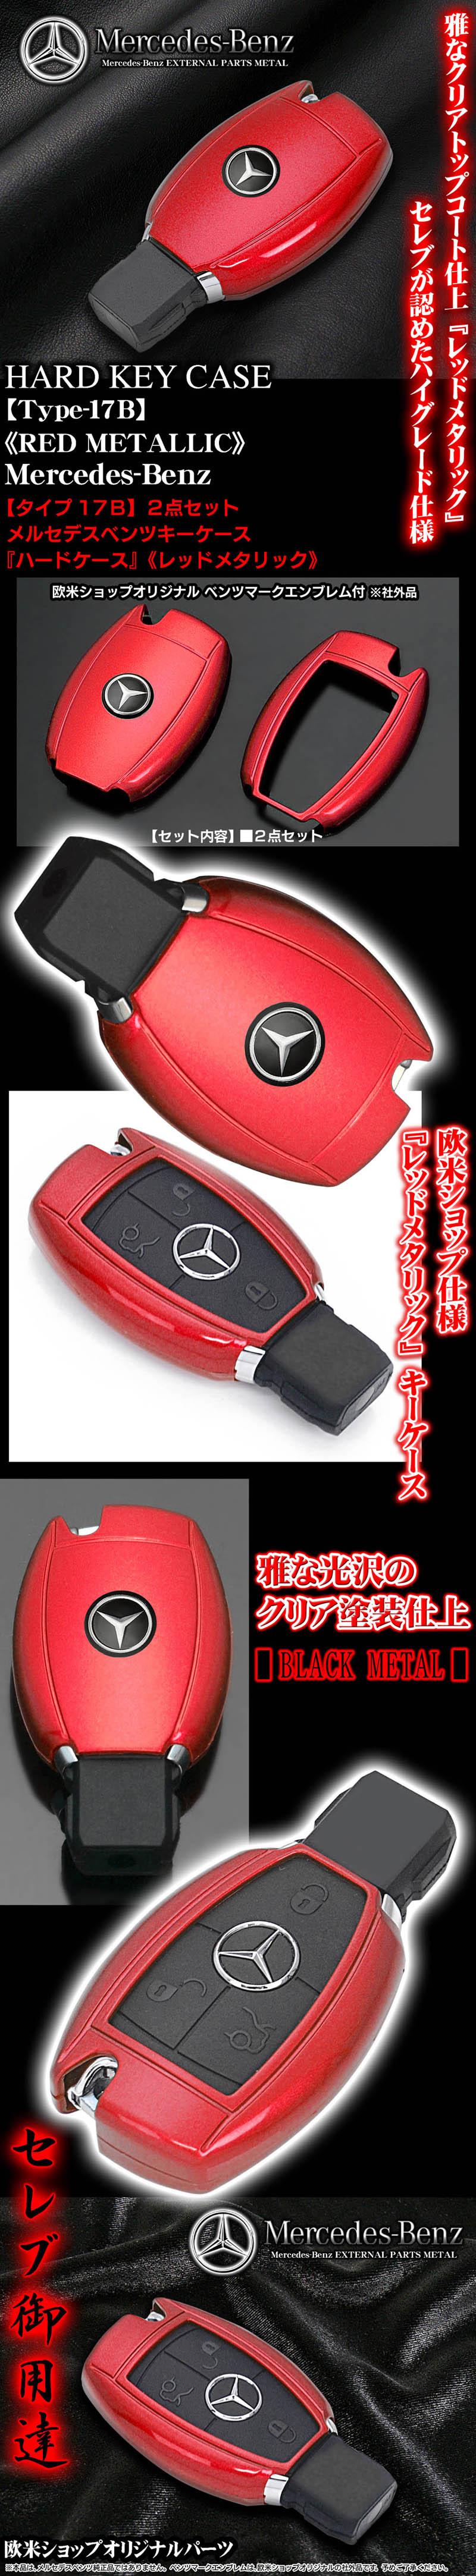 【タイプ17B/ブラックメタリック】メルセデスベンツキーケース《ベンツマークエンブレム付》ハードケース/Mercedes-Benz/ブラガ